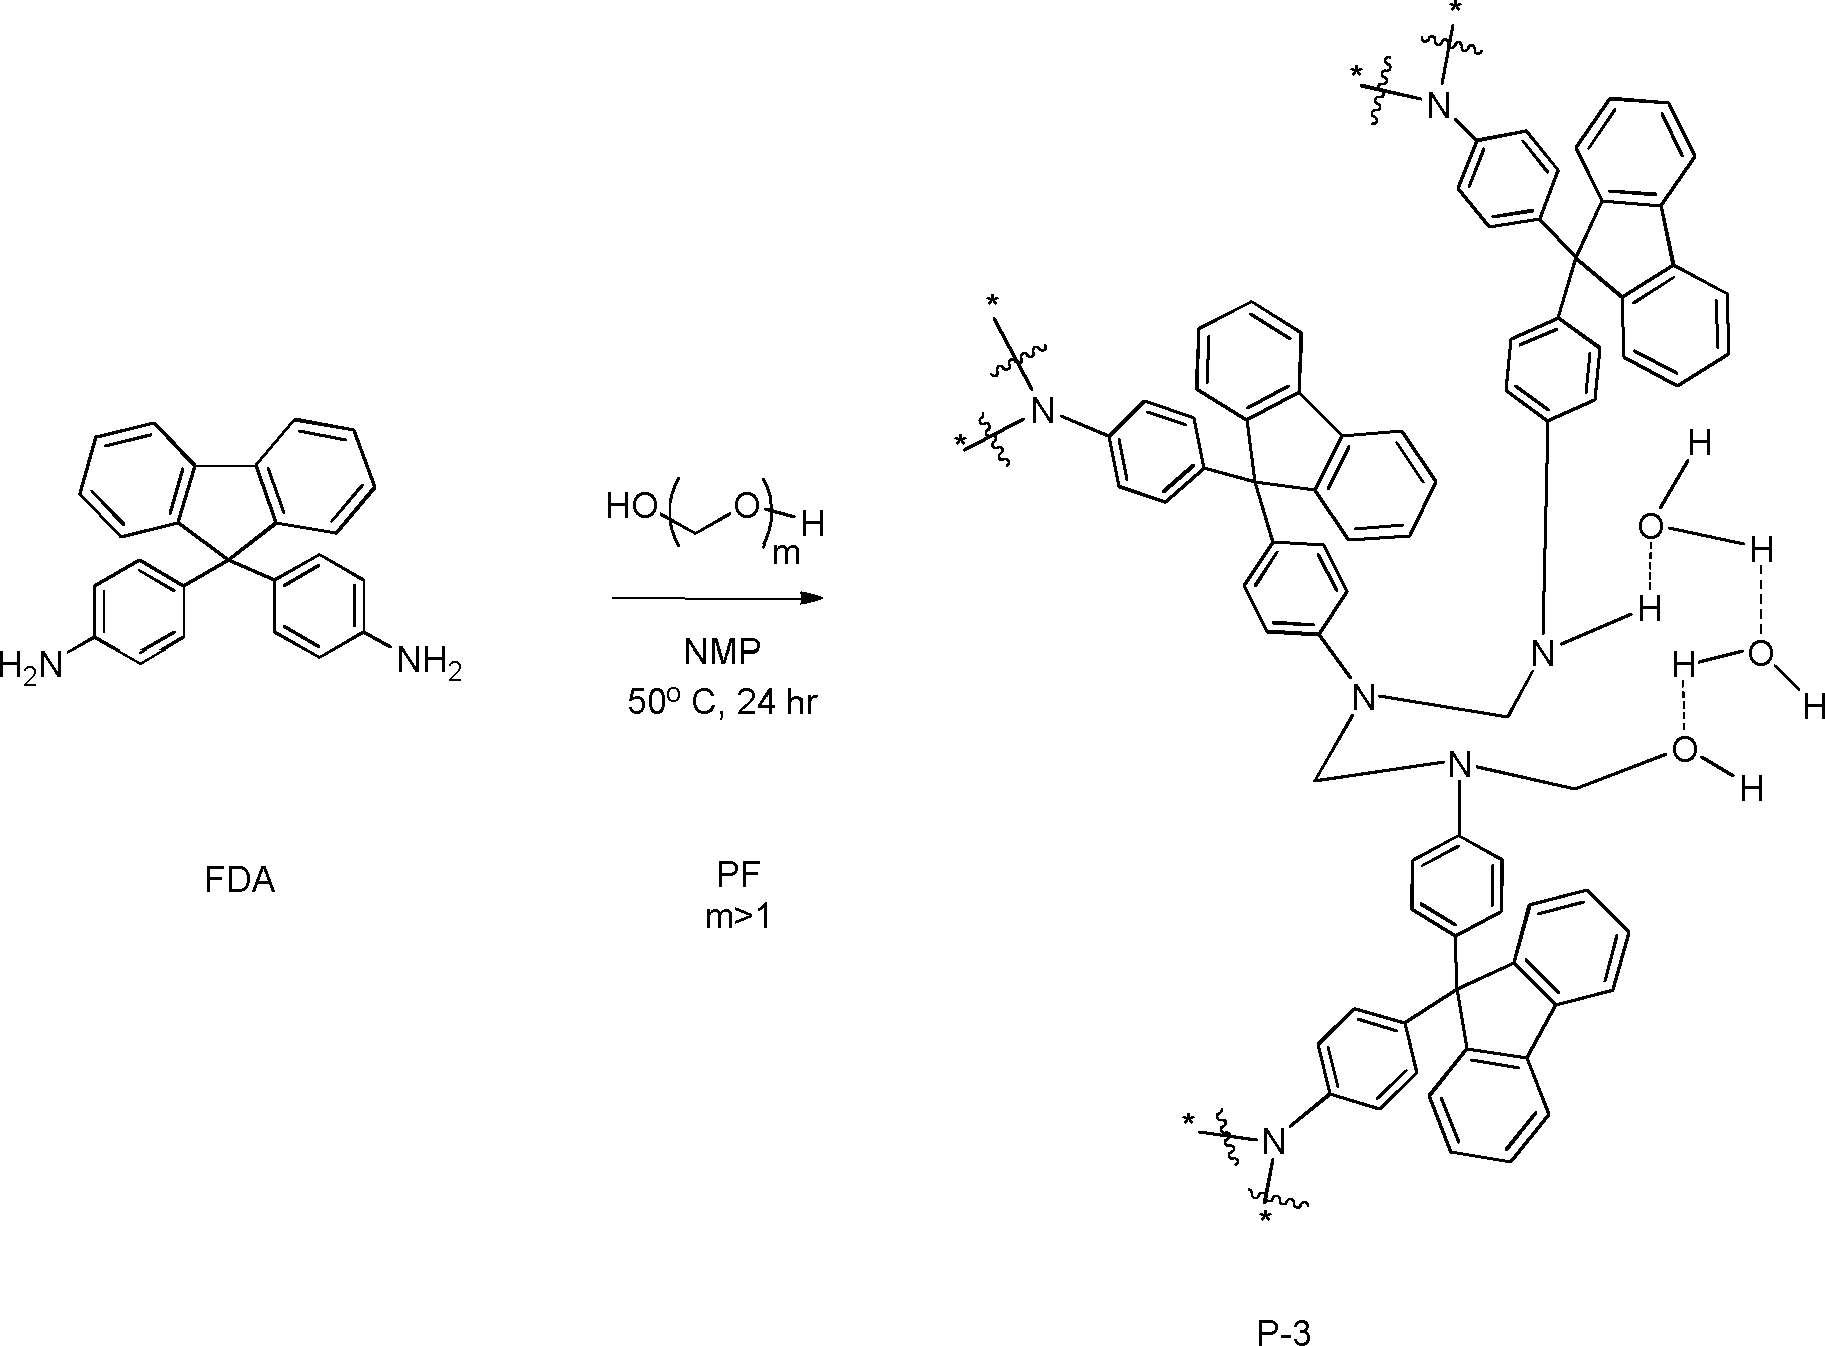 Figure DE112014004152T5_0028